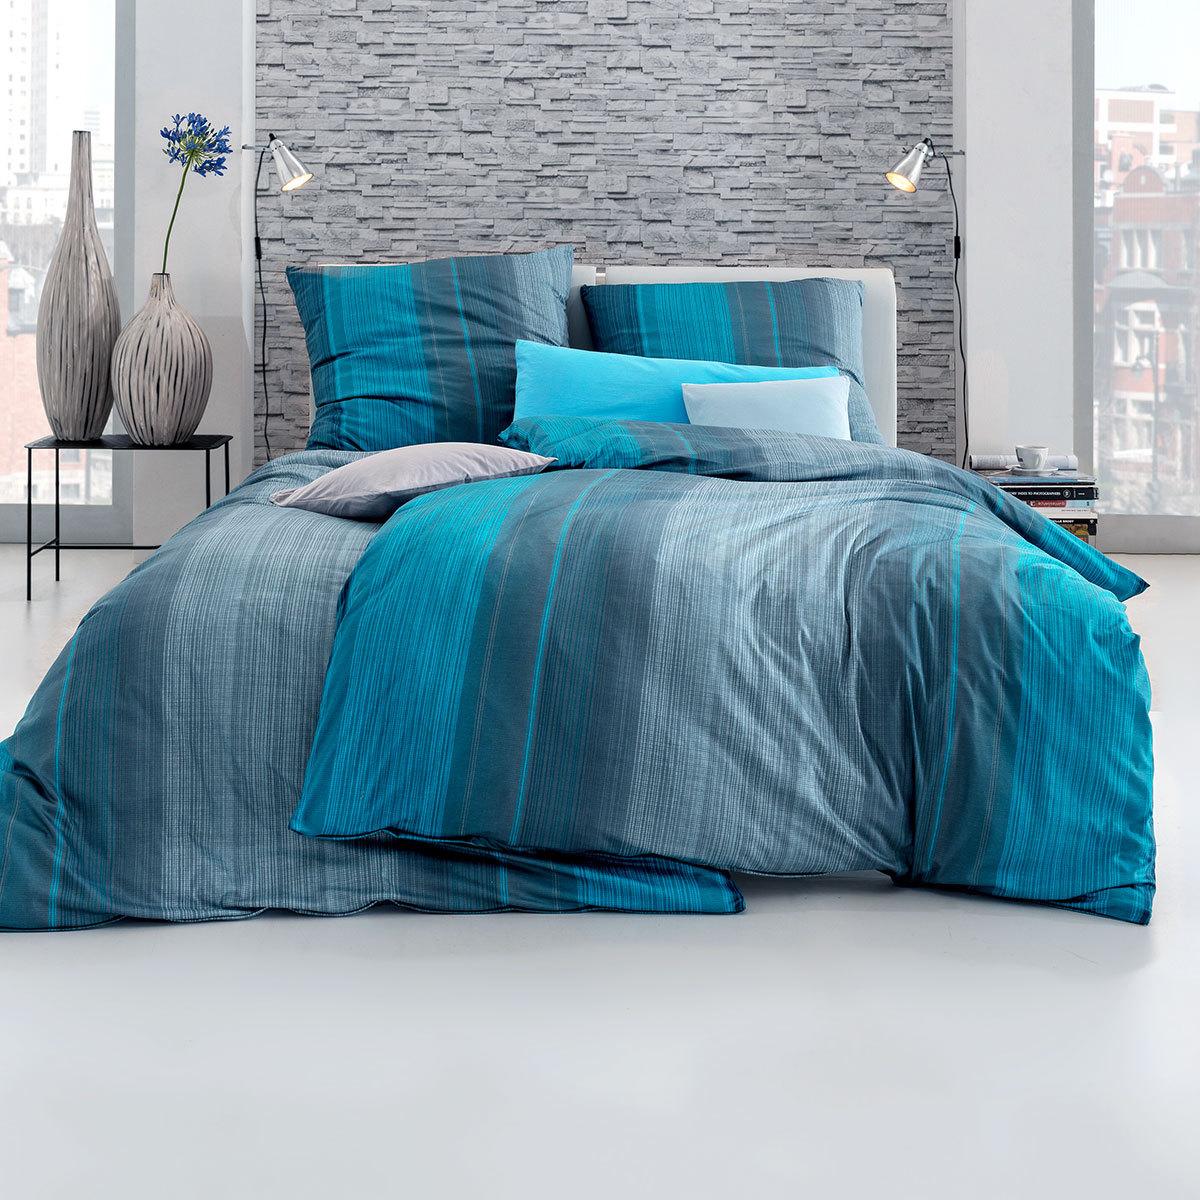 estella mako interlock jersey bettw sche luke petrol g nstig online kaufen bei bettwaren shop. Black Bedroom Furniture Sets. Home Design Ideas